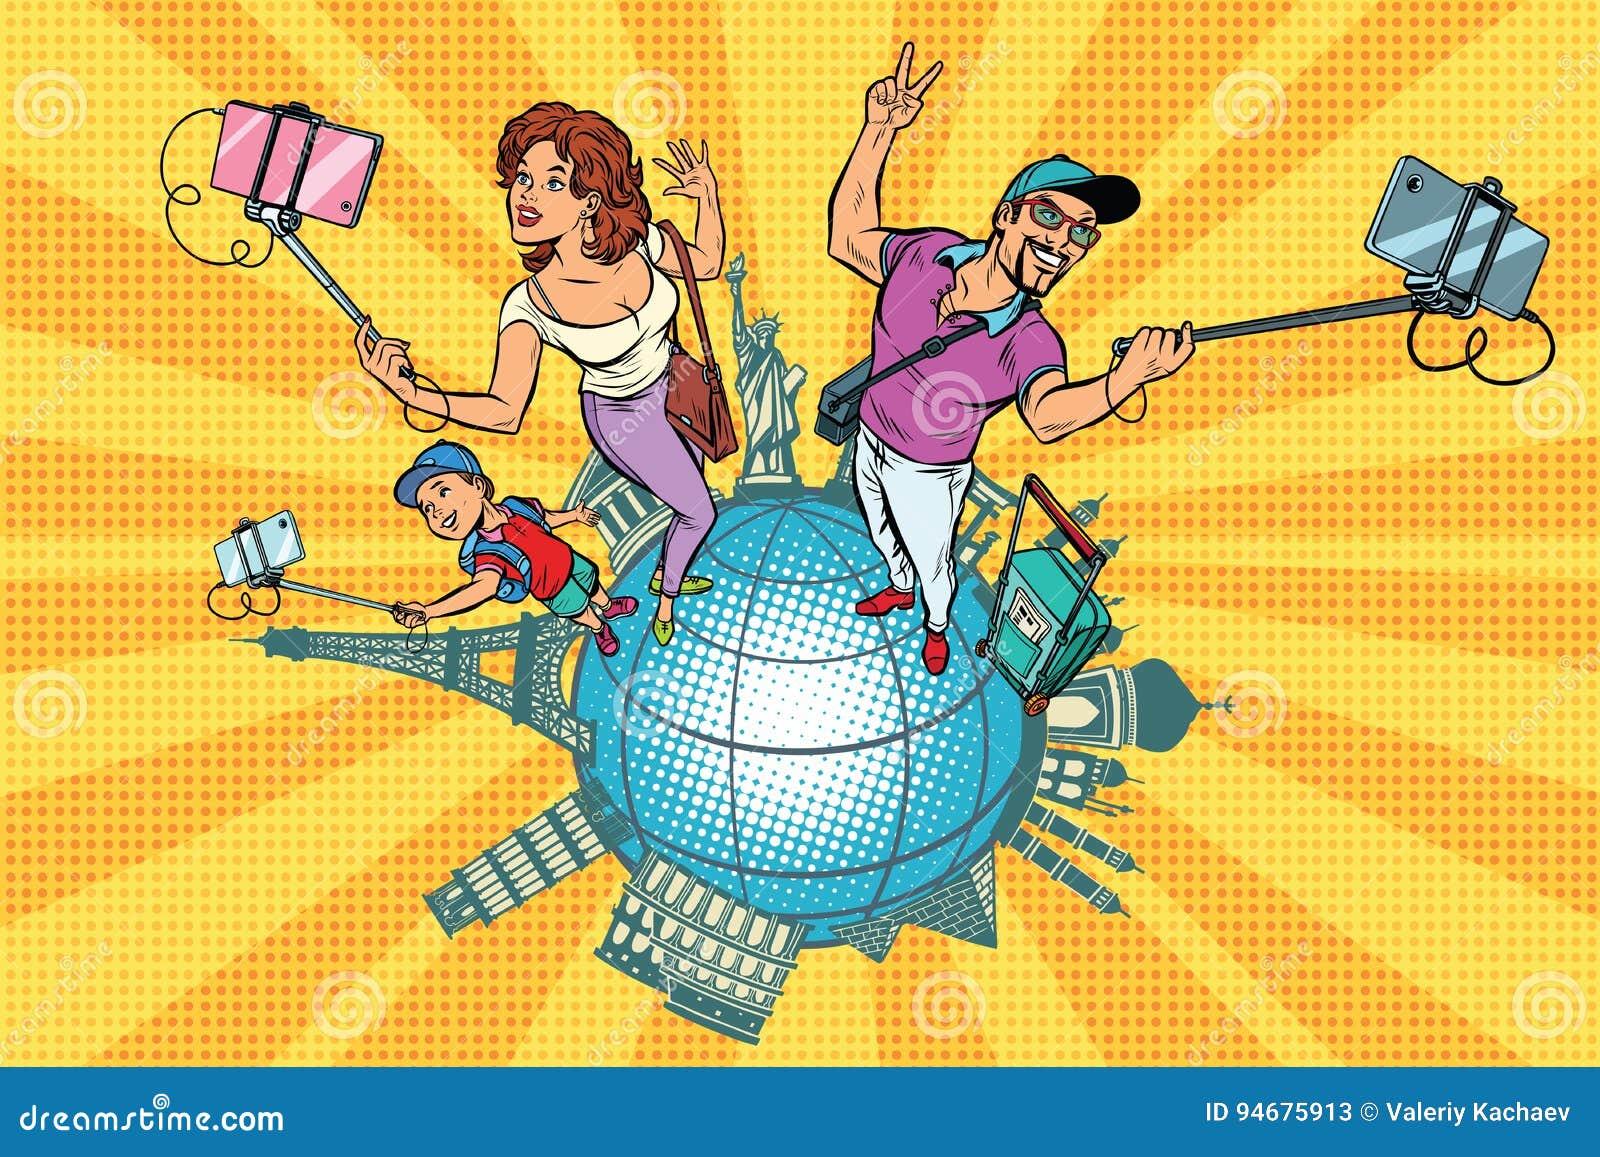 Familientouristen und selfie, eine Reise auf der ganzen Welt